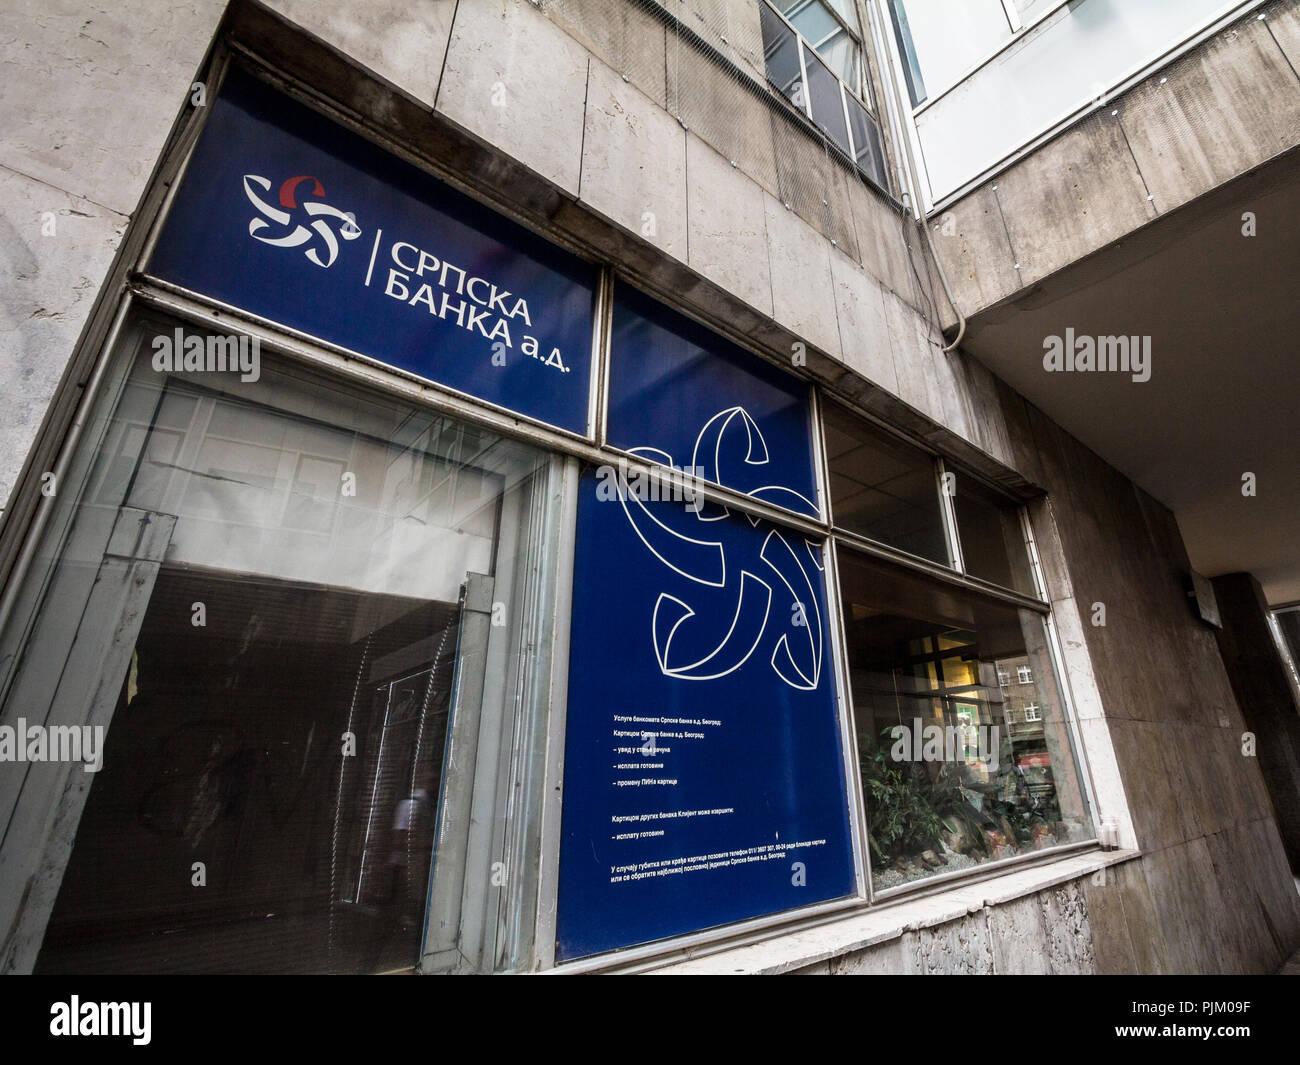 BELGRADE, SERBIE - septembre 5, 2018: Srpska Banka logo sur leur bureau principal pour le centre-ville de Belgrade. Également connu sous le nom de Banque serbe, c'est l'un des principaux Ser Banque D'Images